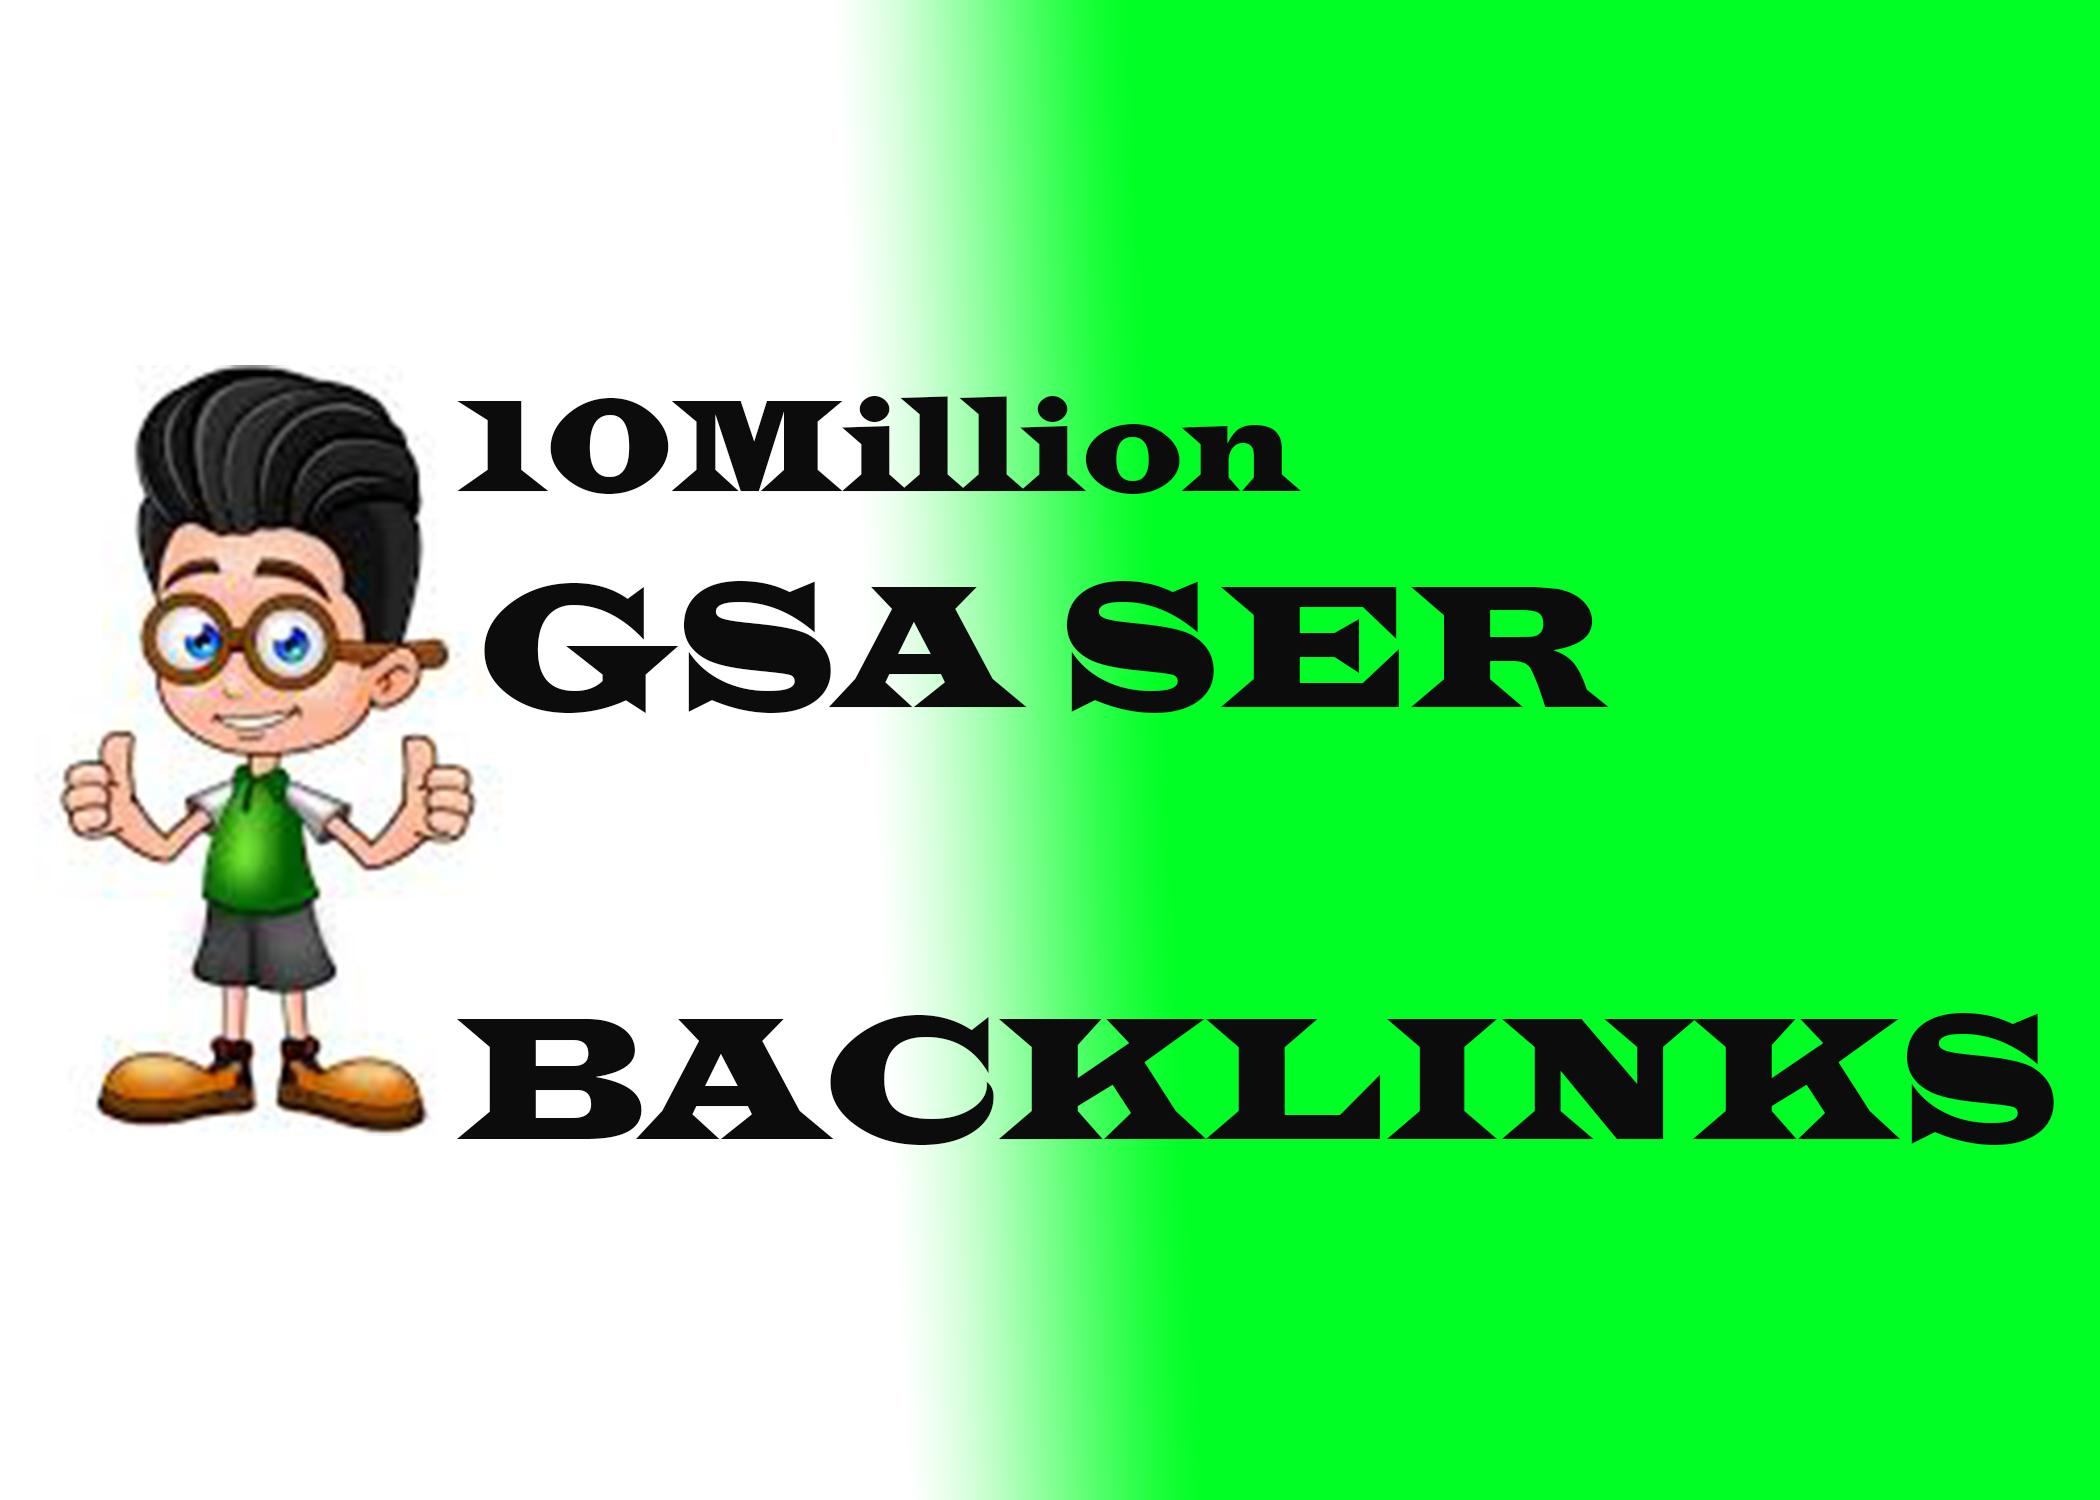 10Million GSA SER Powerfull SEO Backlinks for your website